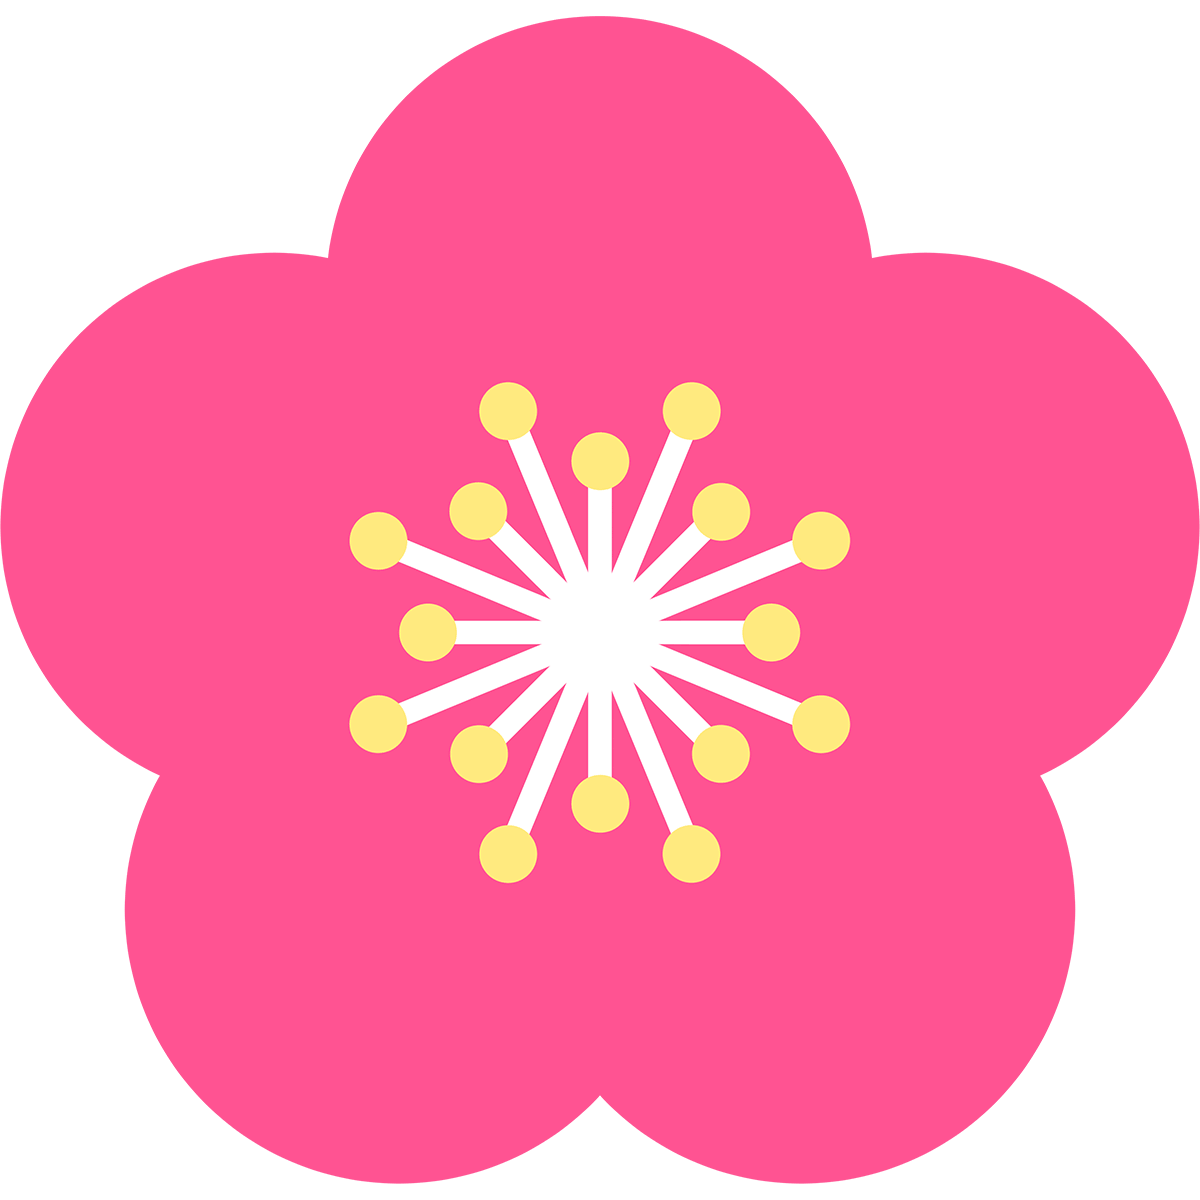 梅の花の無料イラスト